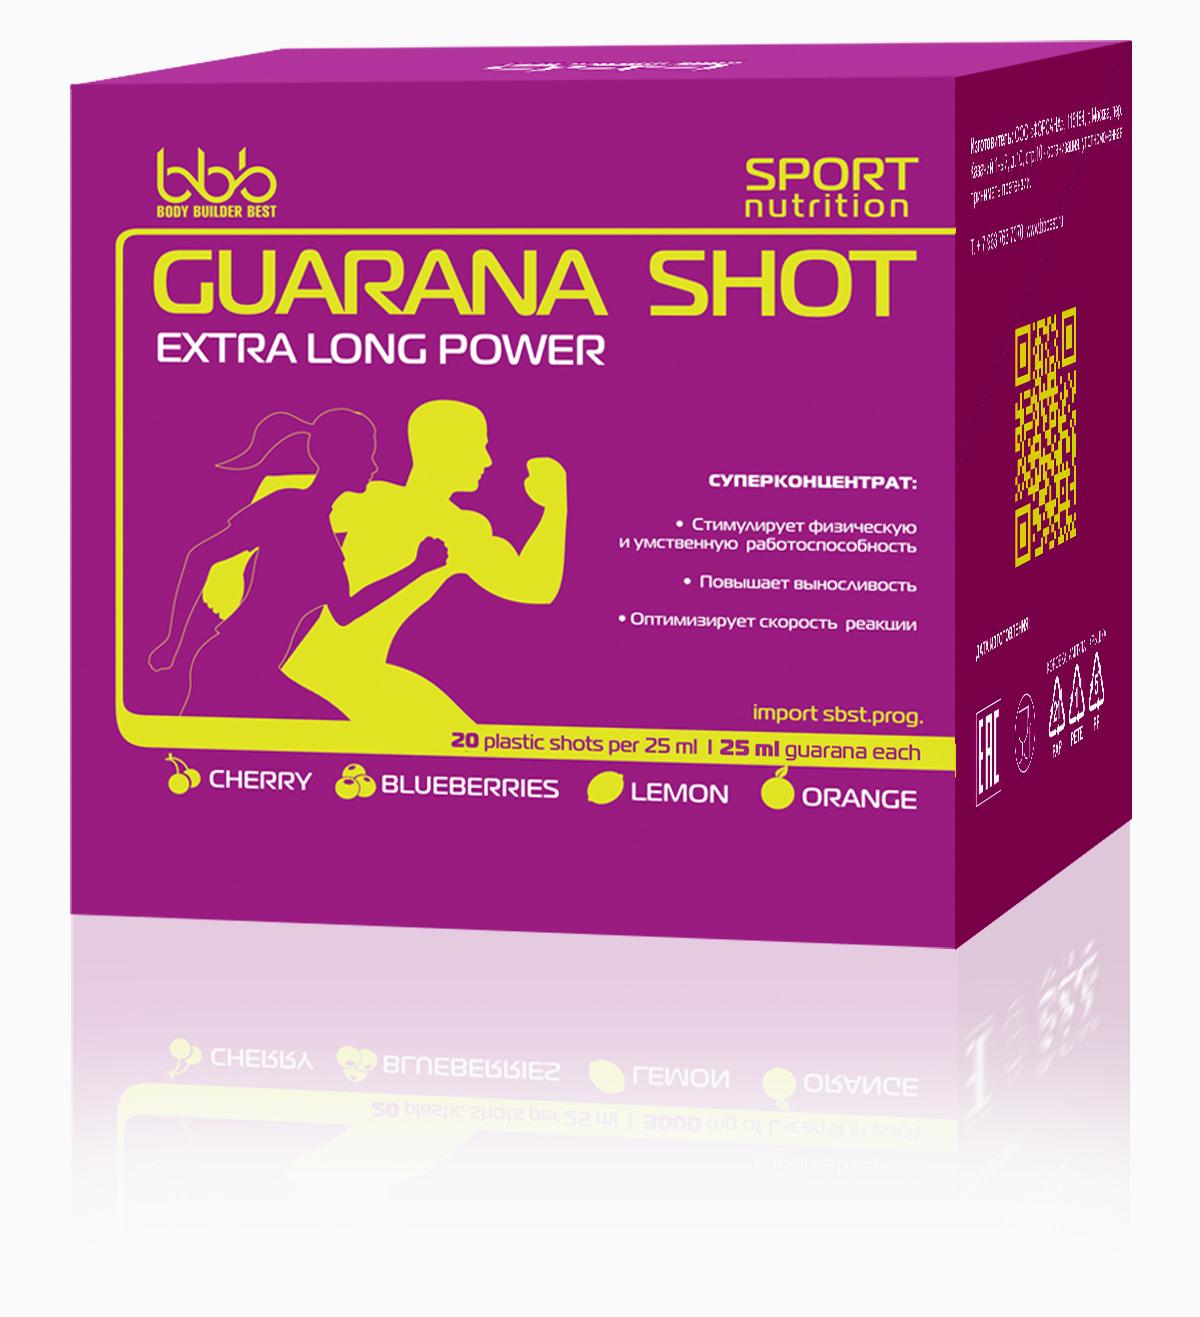 Энергетический напиток bbb Guarana Shots, 20 шт x 25 мл. 105628105628Суперконцентрат: - стимулирует физическую и умственную работоспособность - повышает выносливость - оптимизирует силу и скорость реакцийВ каждой ампуле 150мг кофеина (гуарана в пересчёте на кофеин + кофеин) Рекомендации по применению: Принимать по 1 ампуле за 20-30 минут до нагрузок.